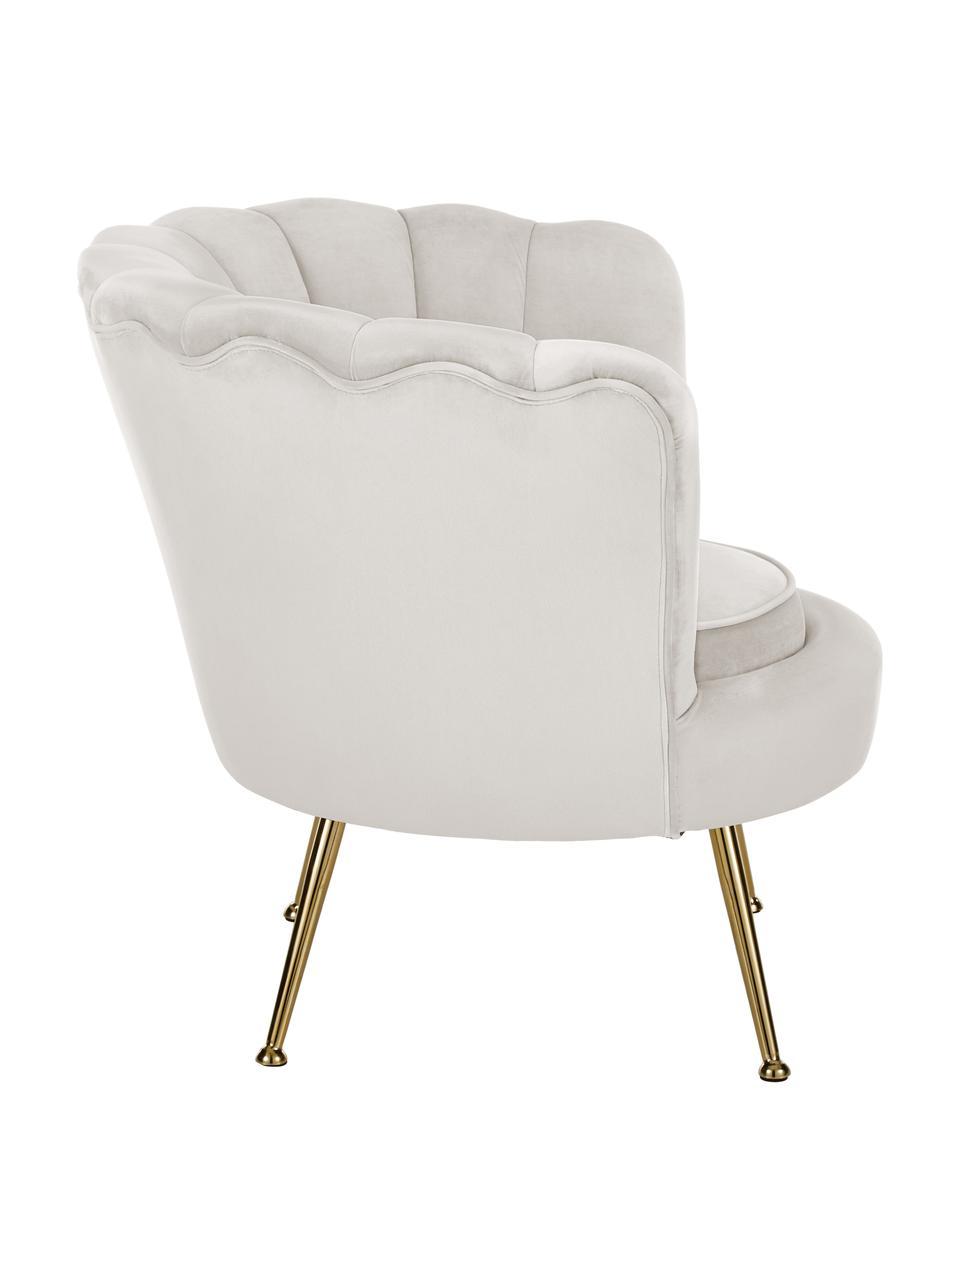 Fluwelen fauteuil Oyster in beige, Bekleding: fluweel (polyester), Frame: multiplex, Poten: gegalvaniseerd metaal, Crèmewit, B 81 x D 78 cm